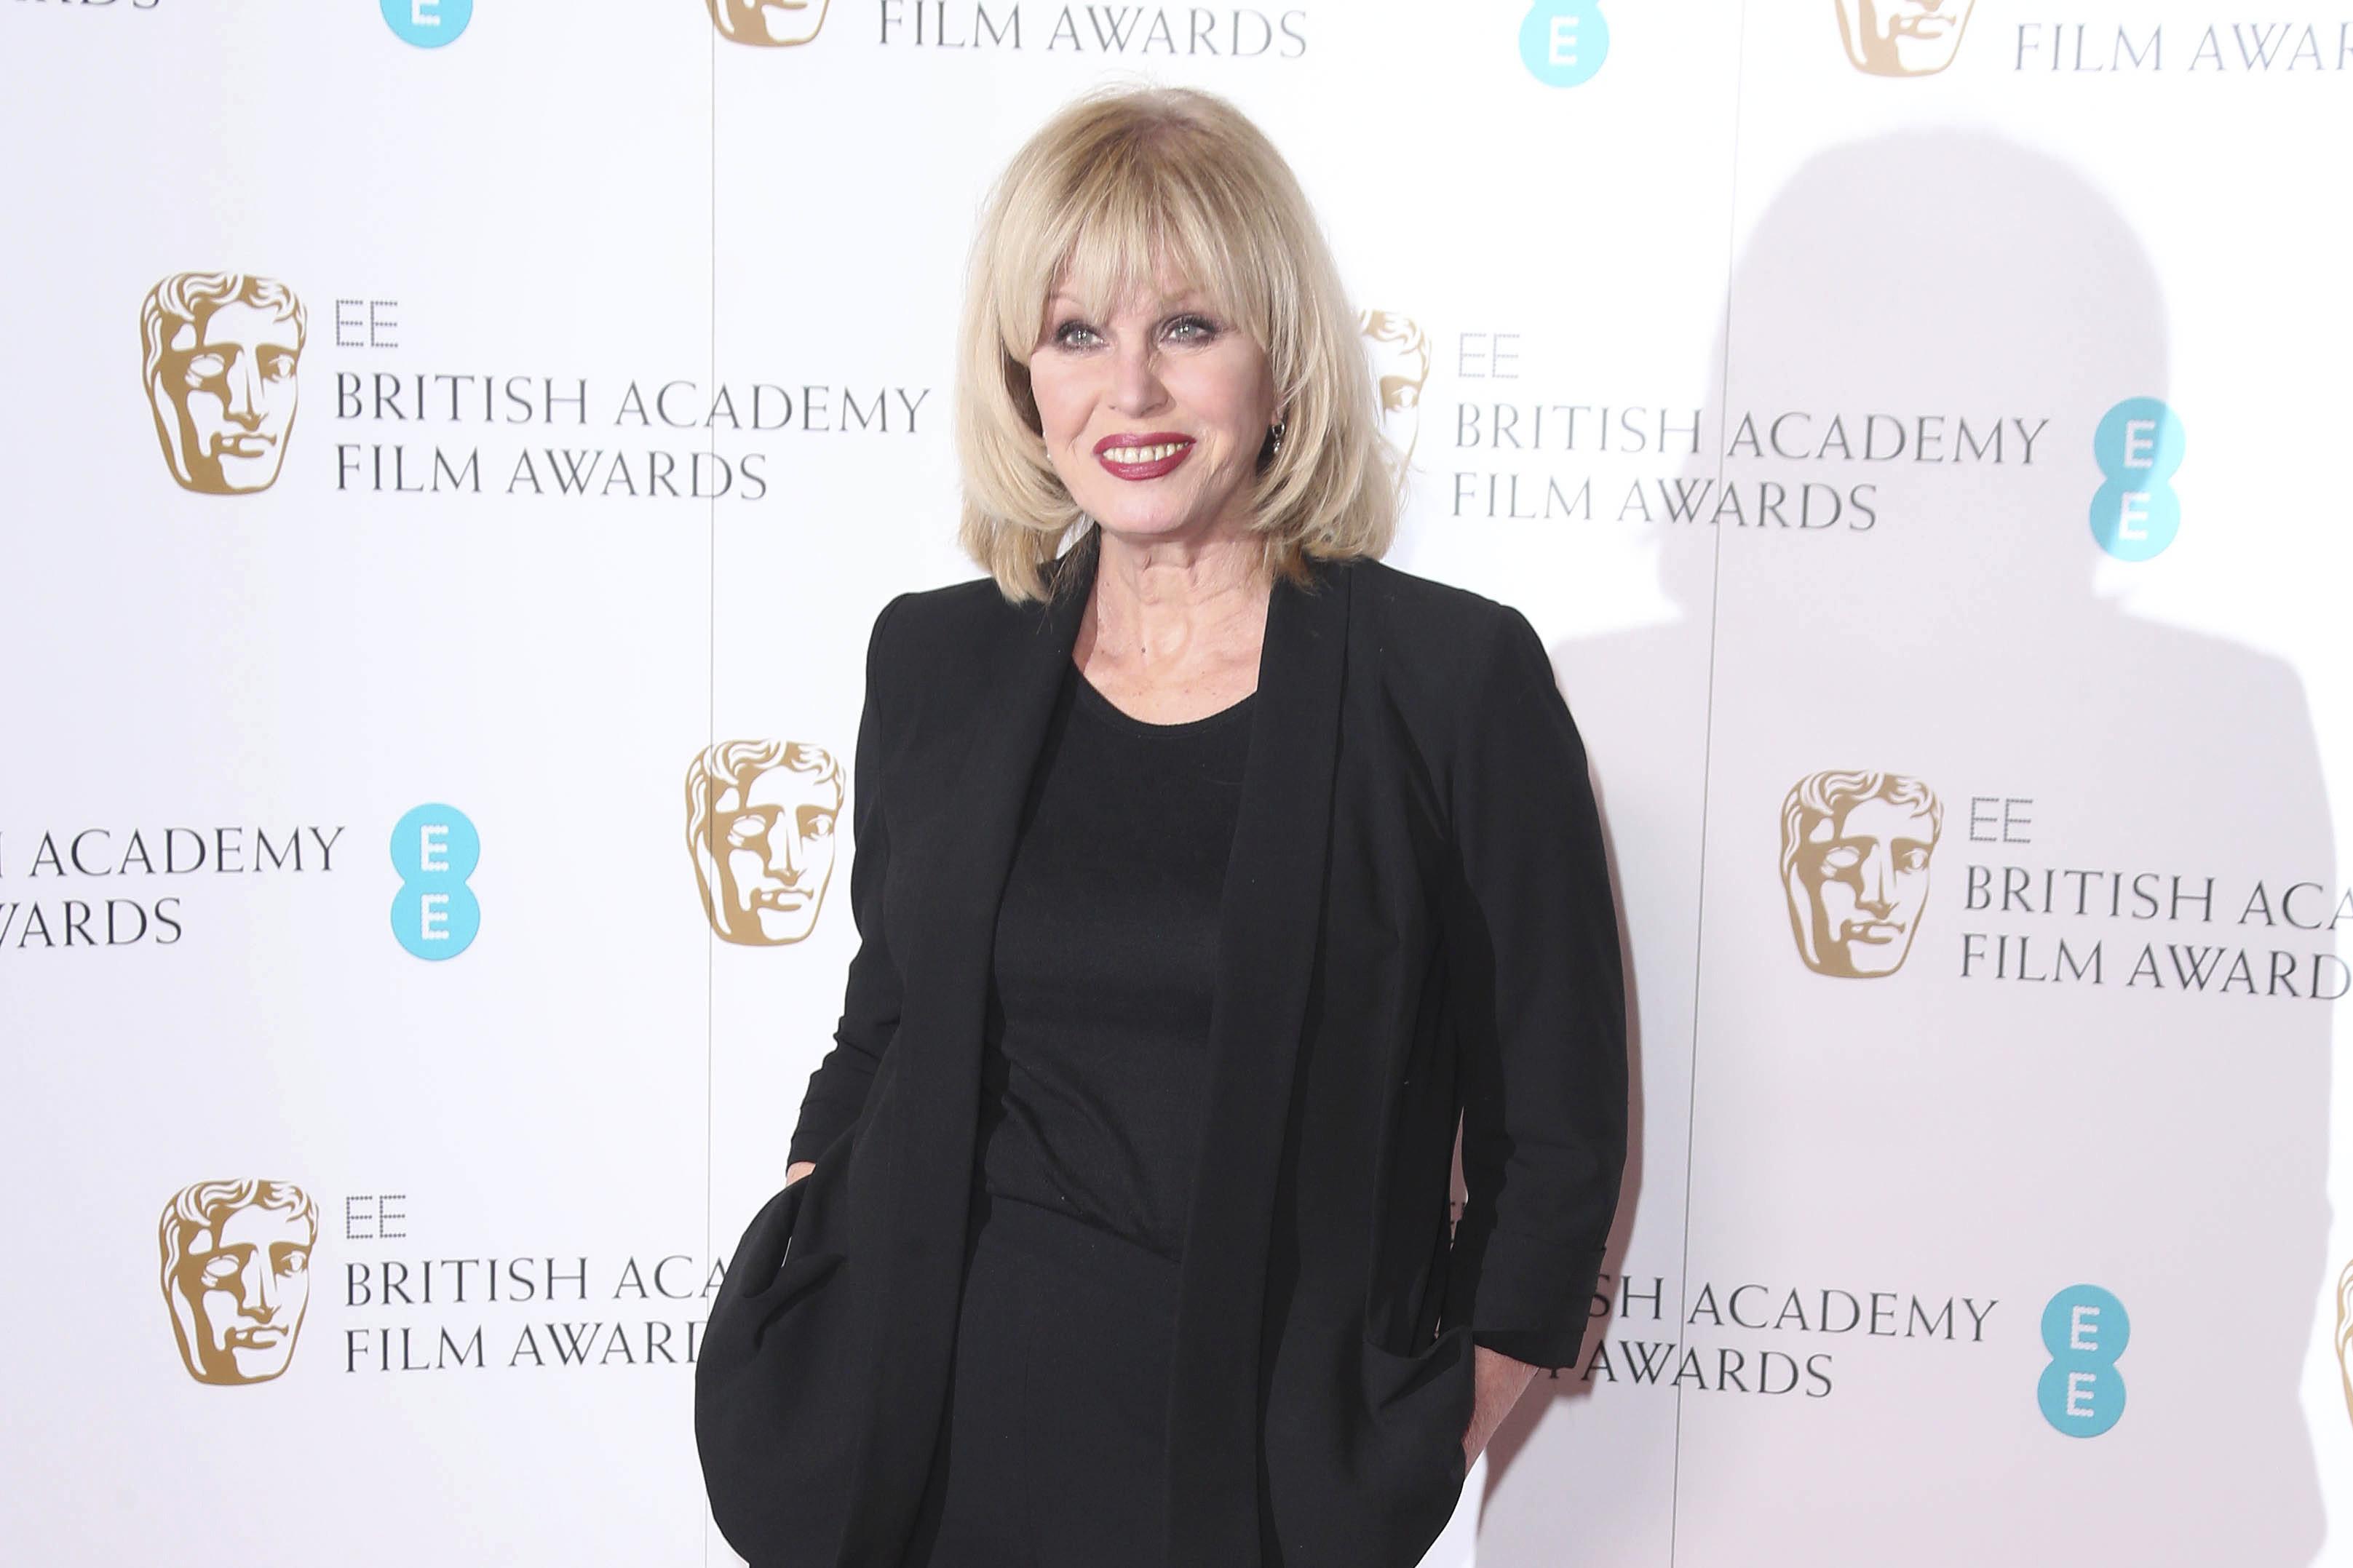 Joanna Lumley Confirmed To Host 2019 Bafta Film